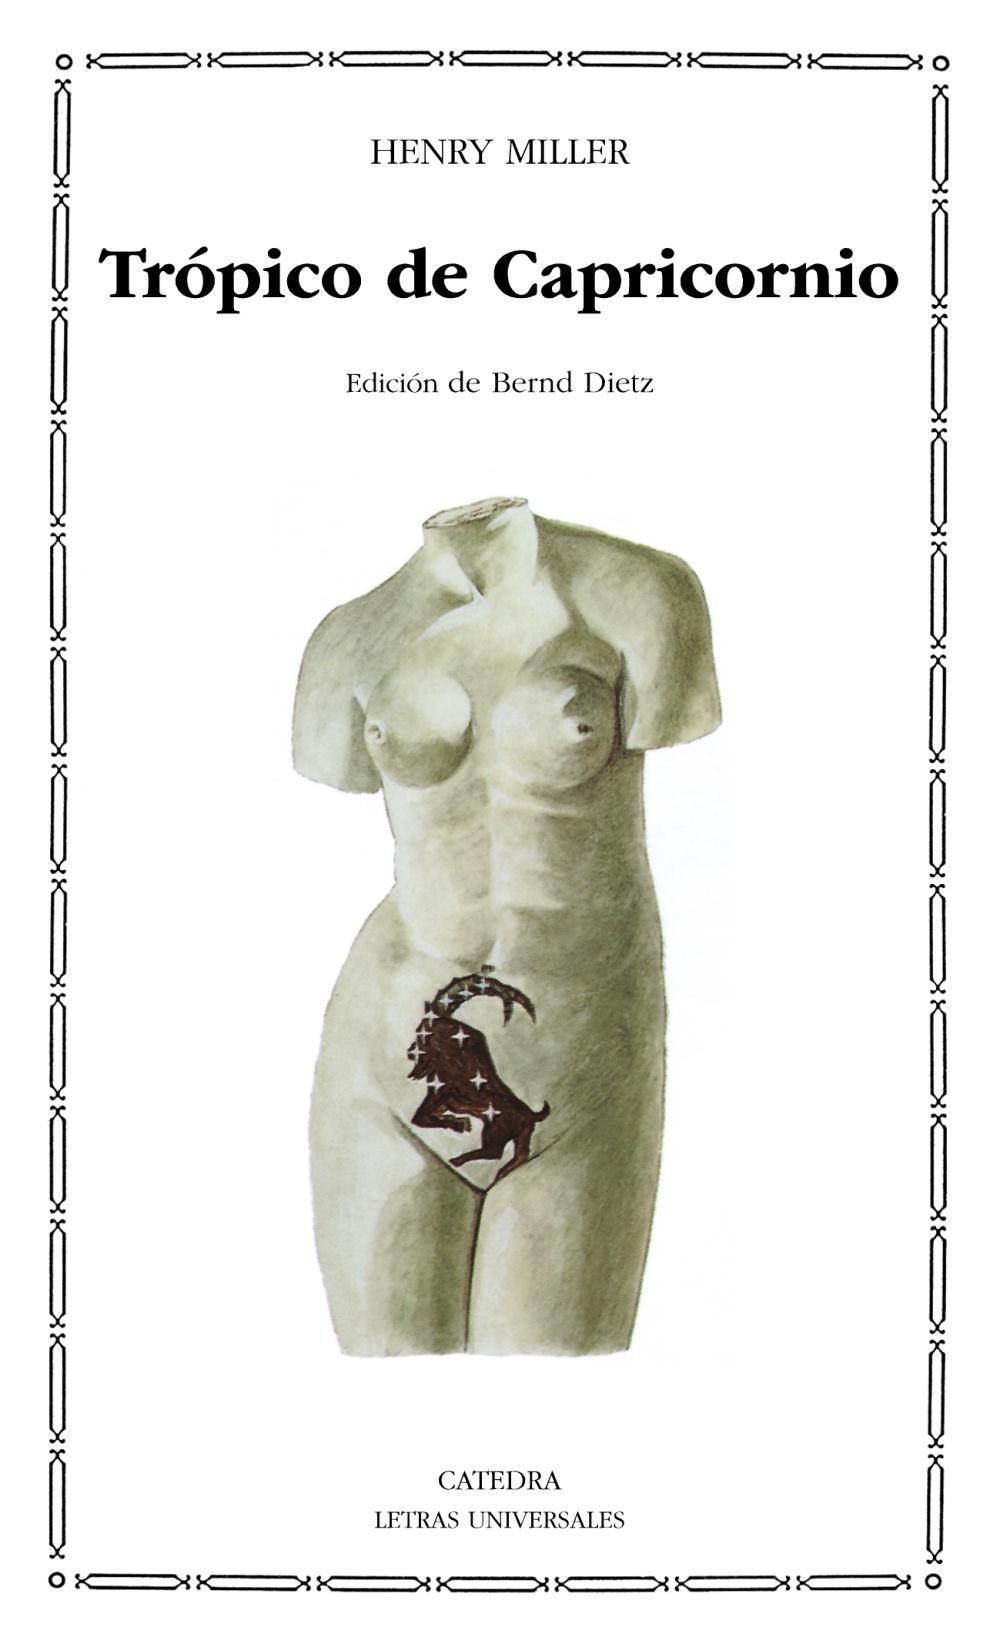 book Erodoto